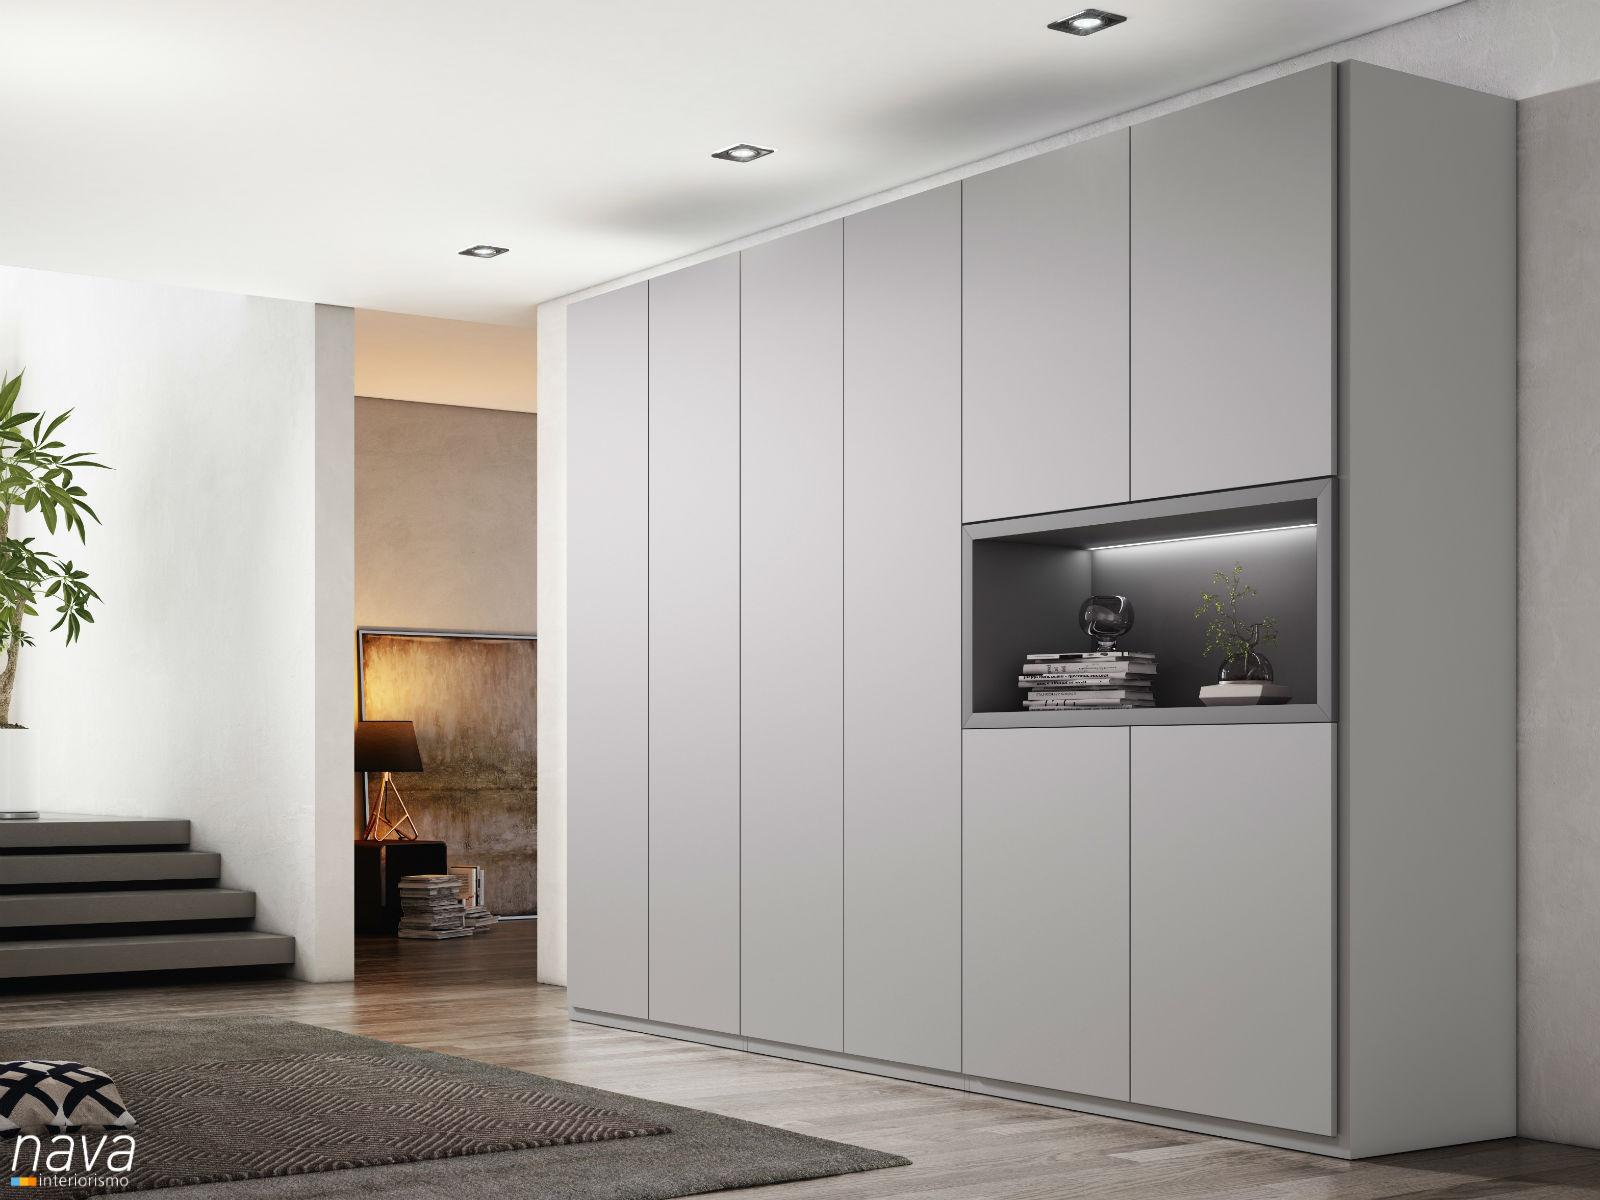 armario-puerta-lisa-hueco-incorporado